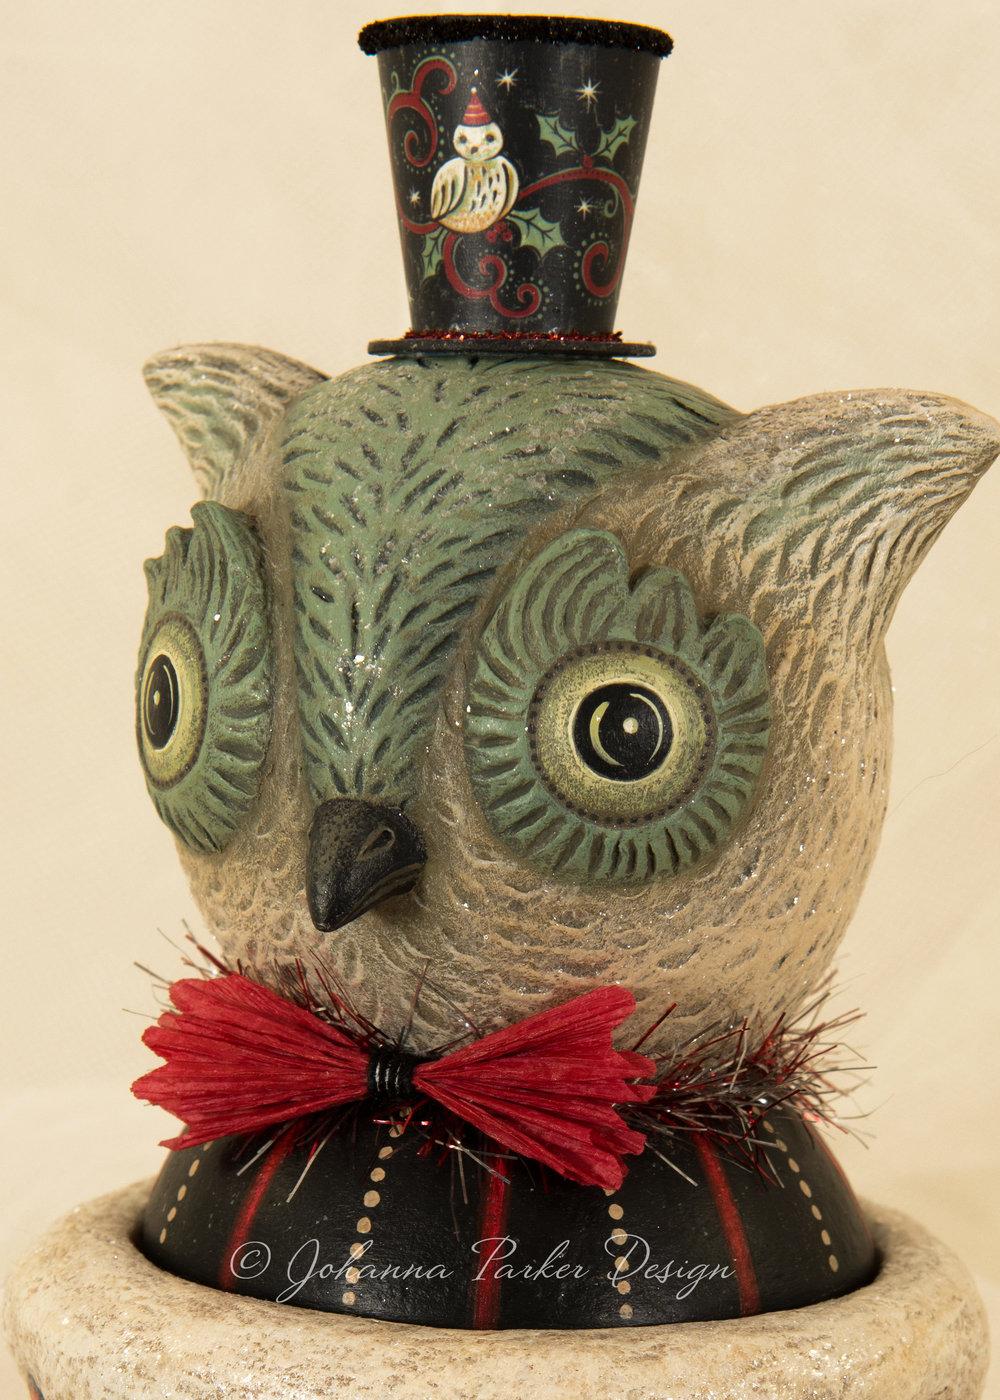 Johanna-Parker-Arthur-Owl-Merriwinter-7.jpg